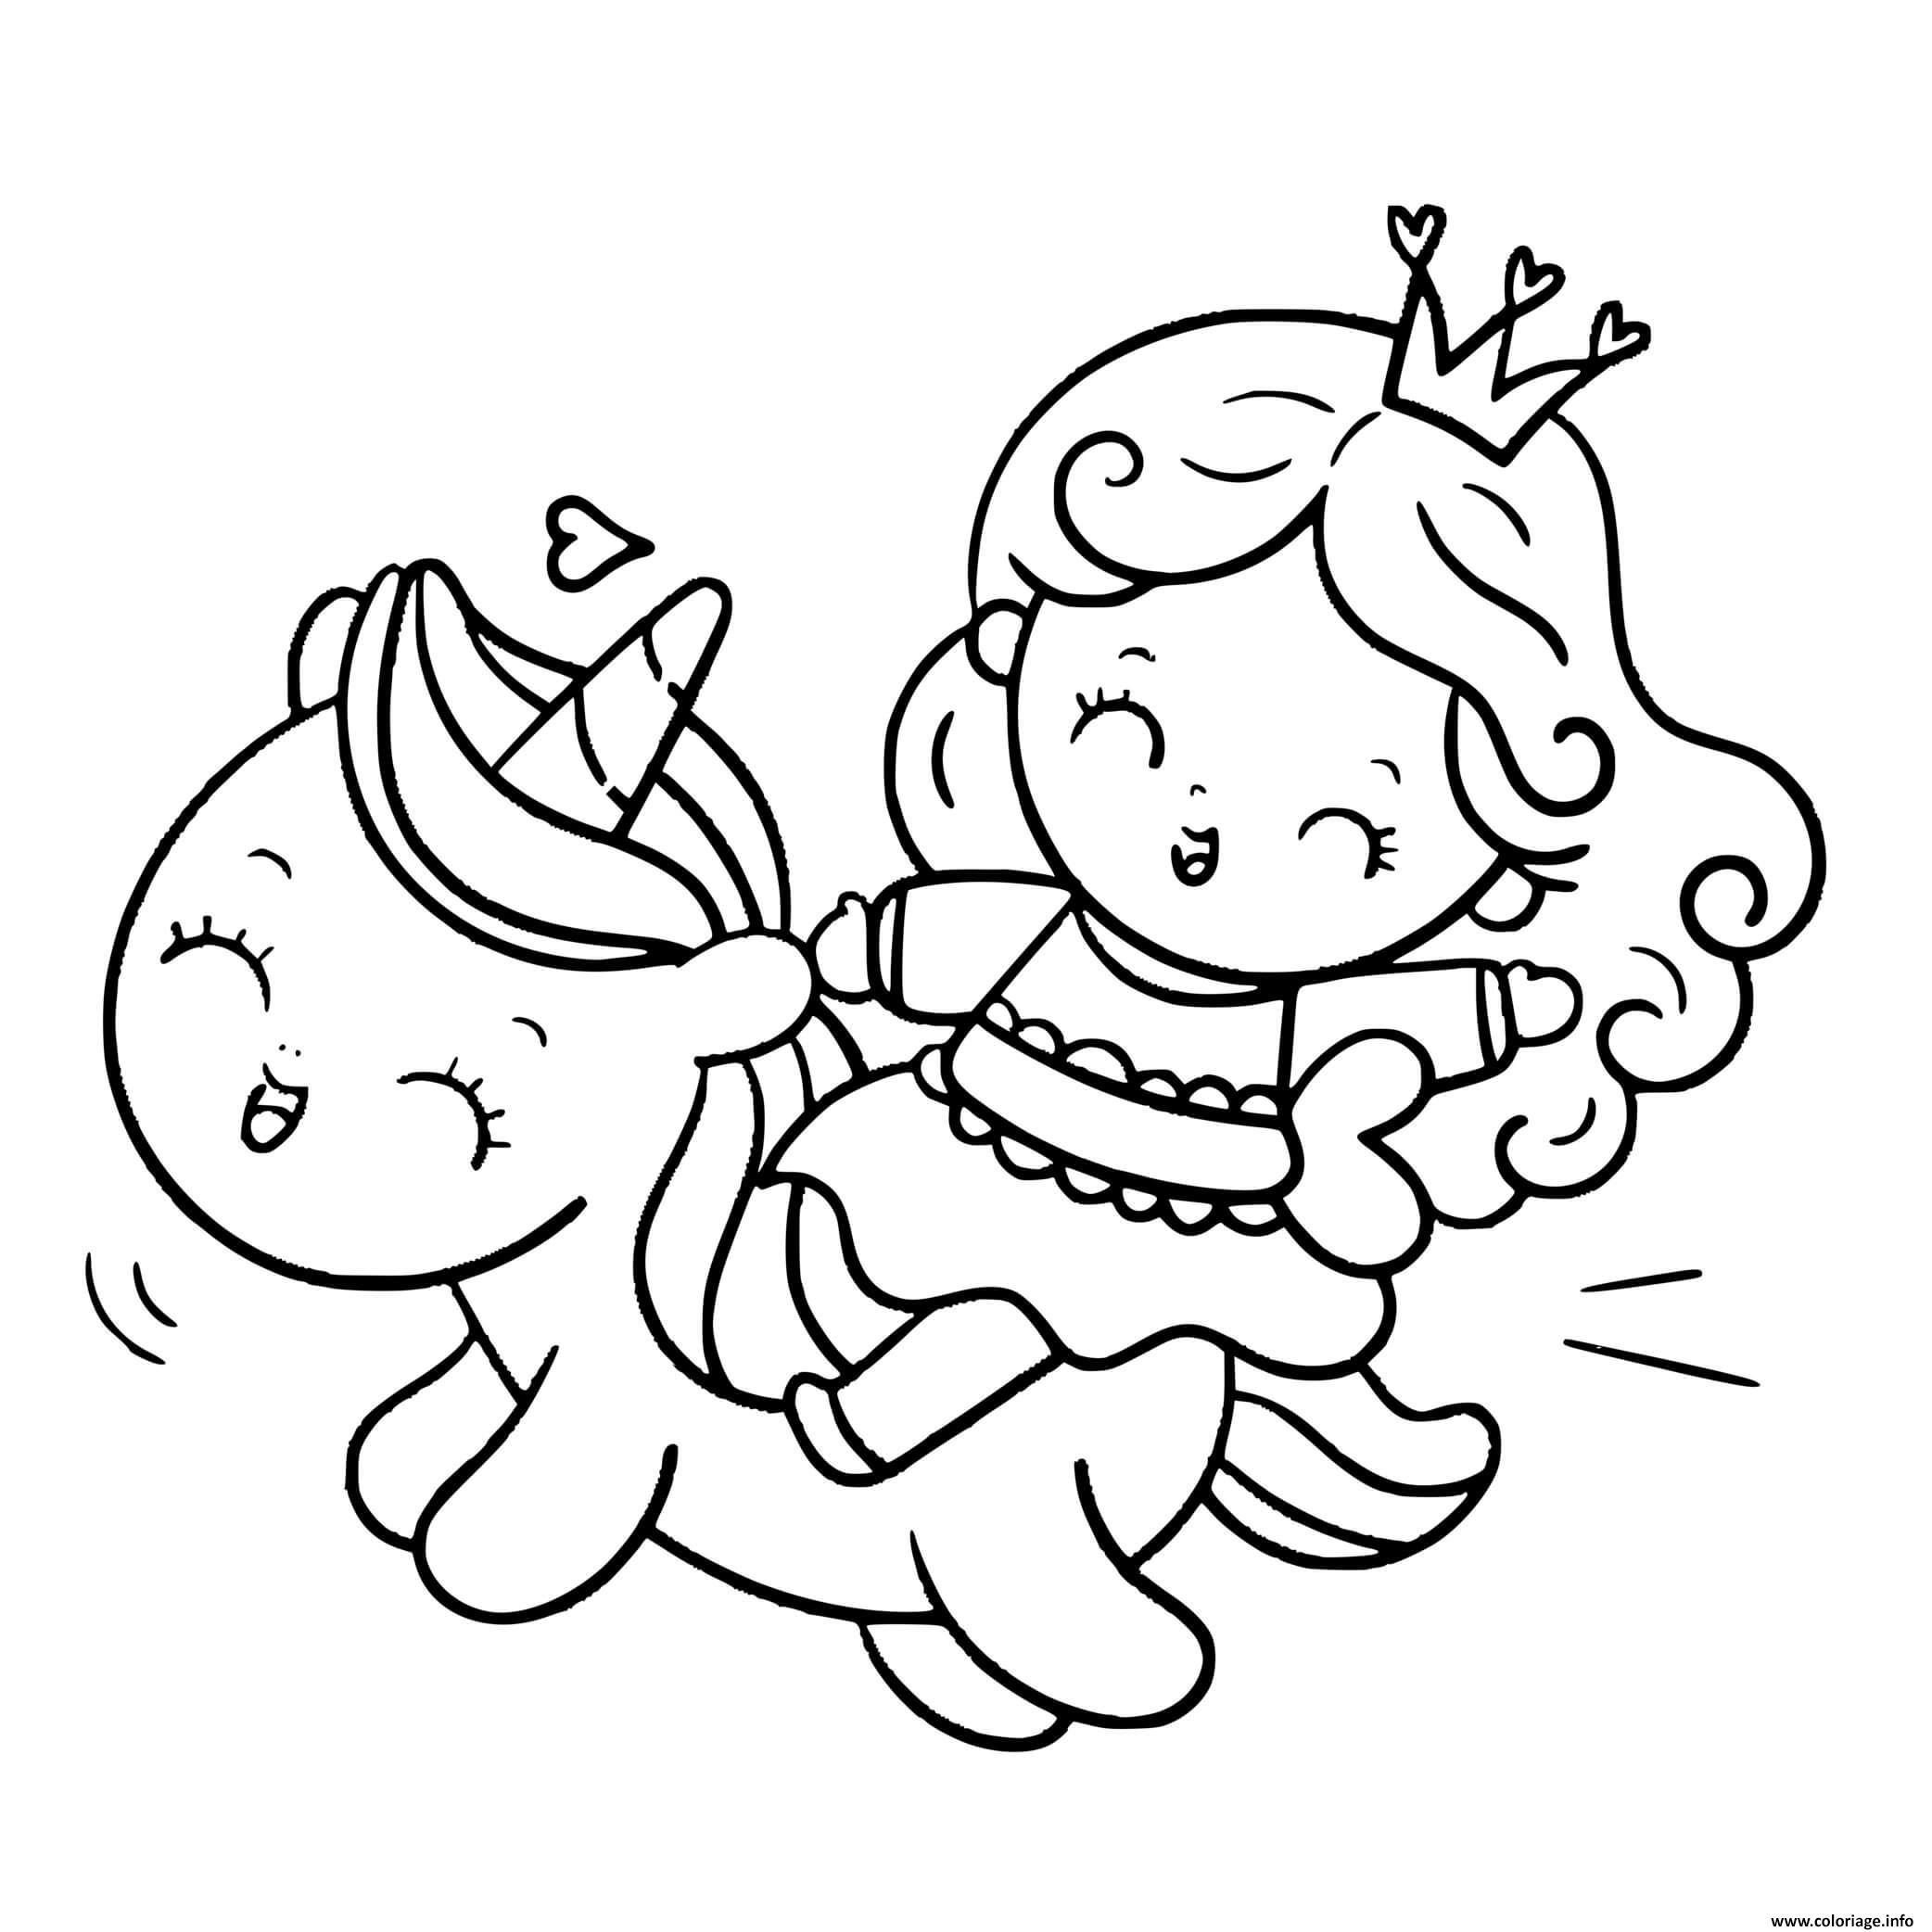 Coloriage licorne kawaii princesse et coeurs - JeColorie.com